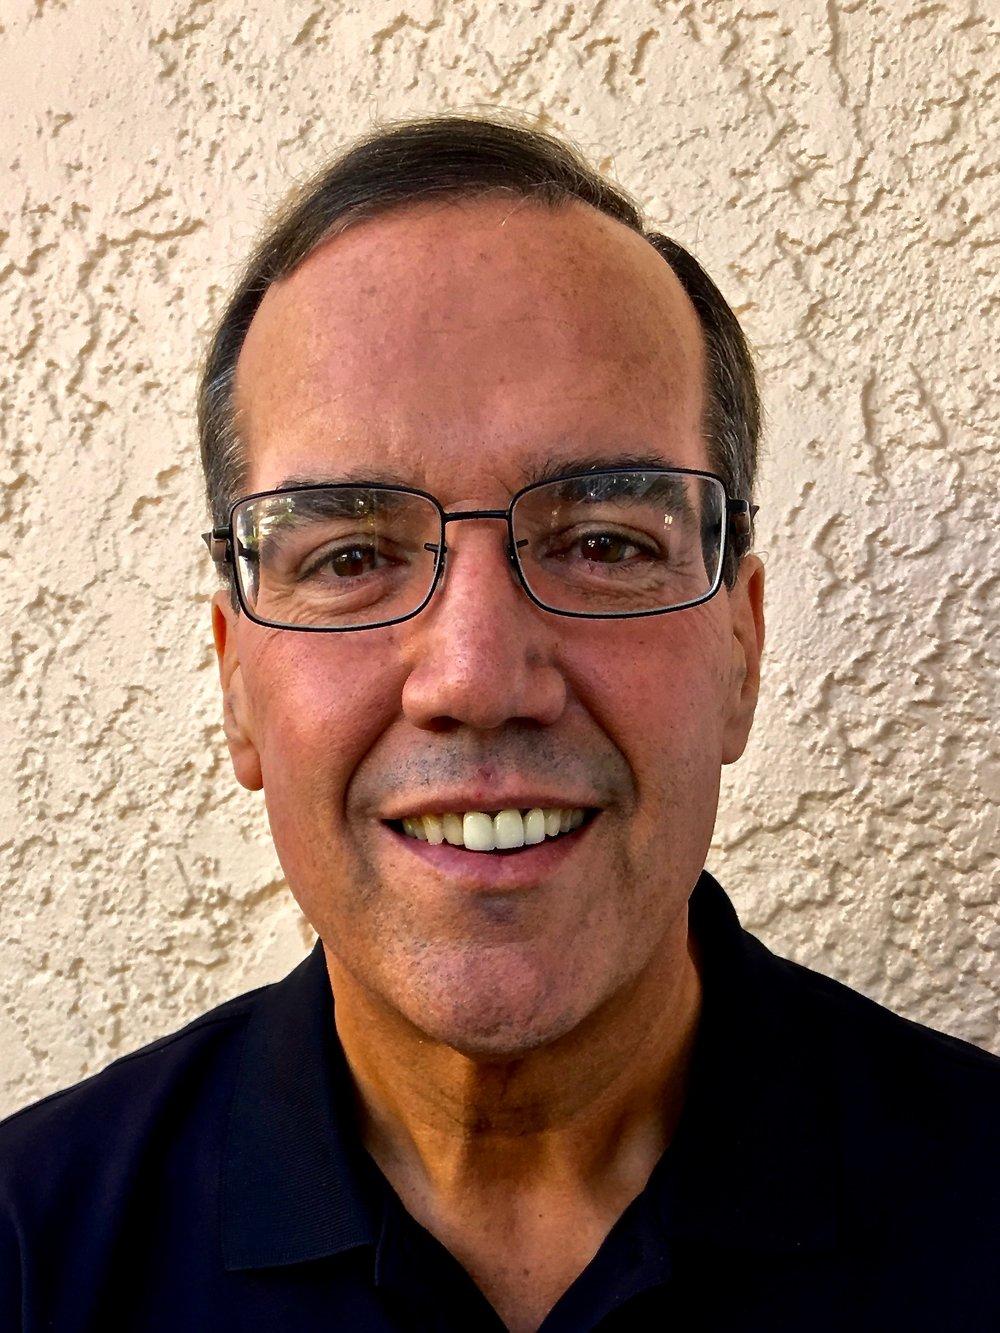 Glenn Adamo -President & Founder of Ivanhoe Media & Entertainment